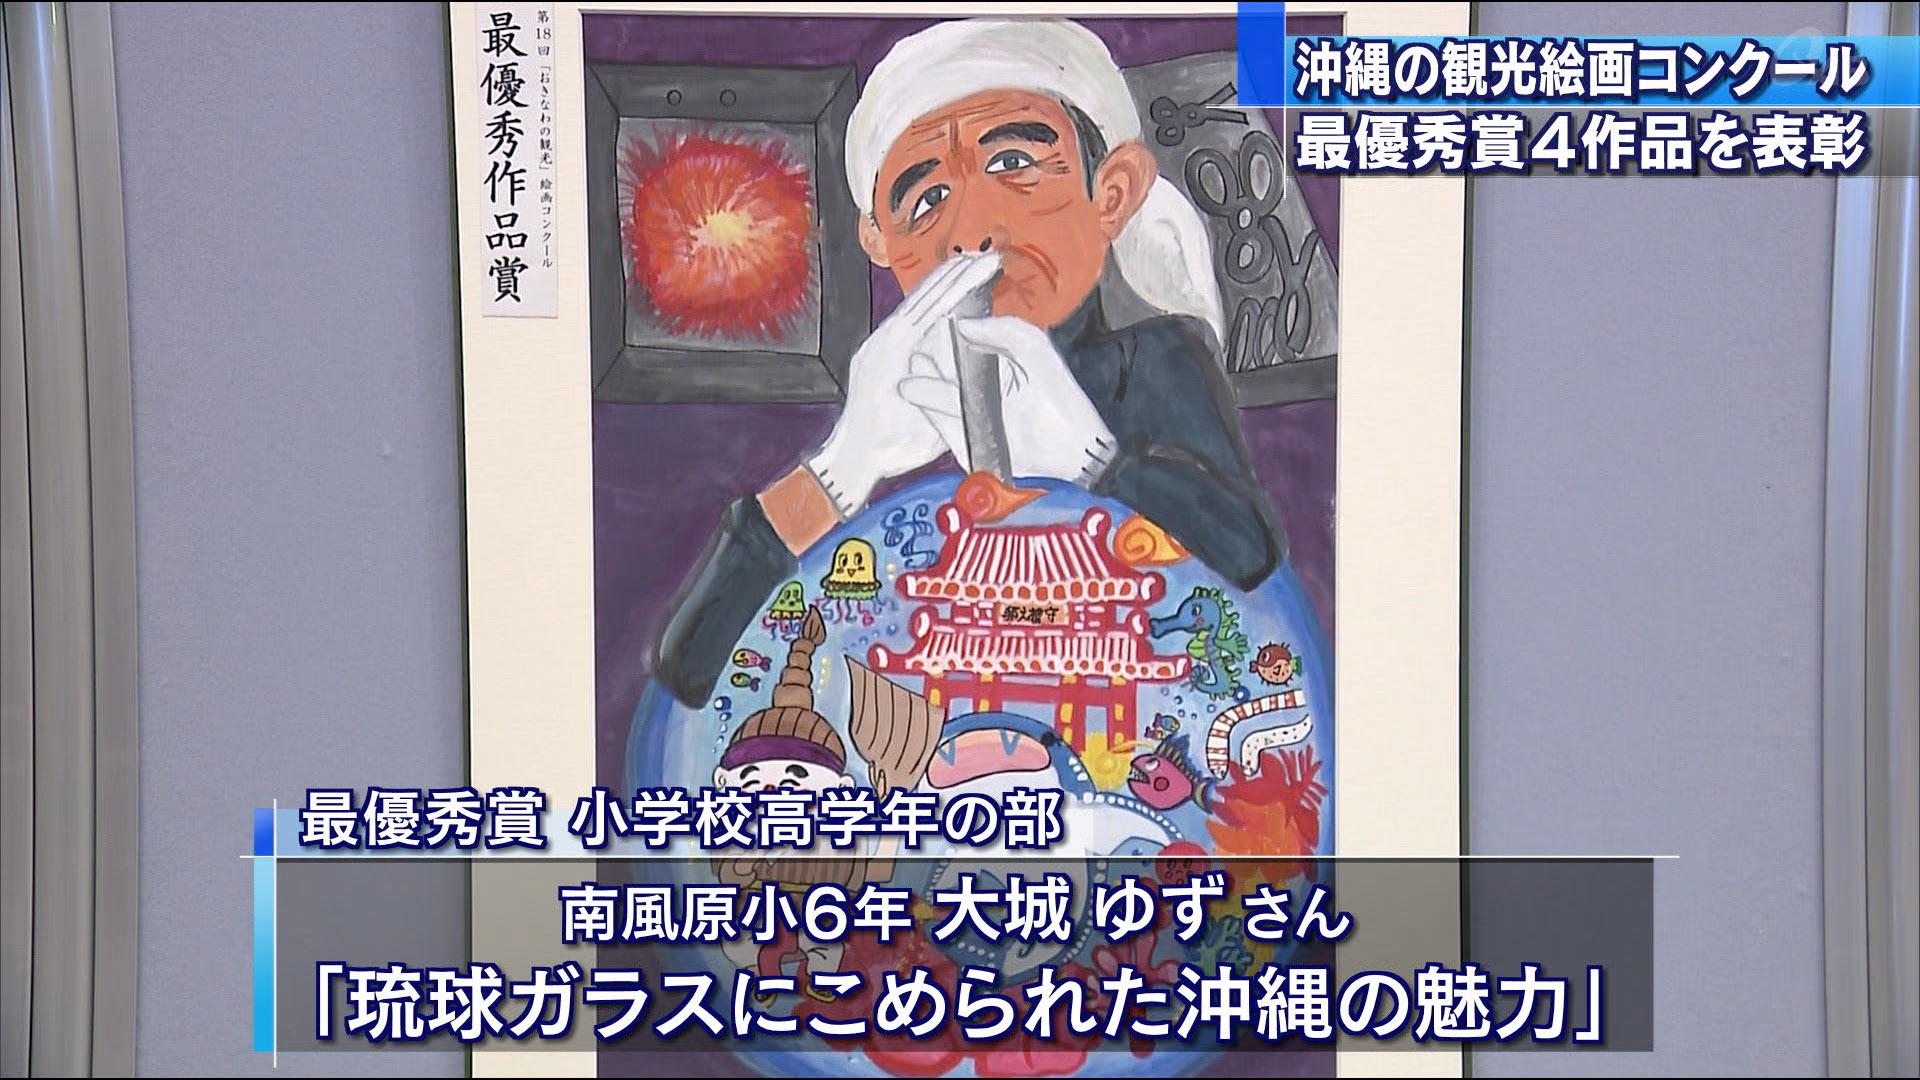 沖縄の観光絵画コンクール表彰式